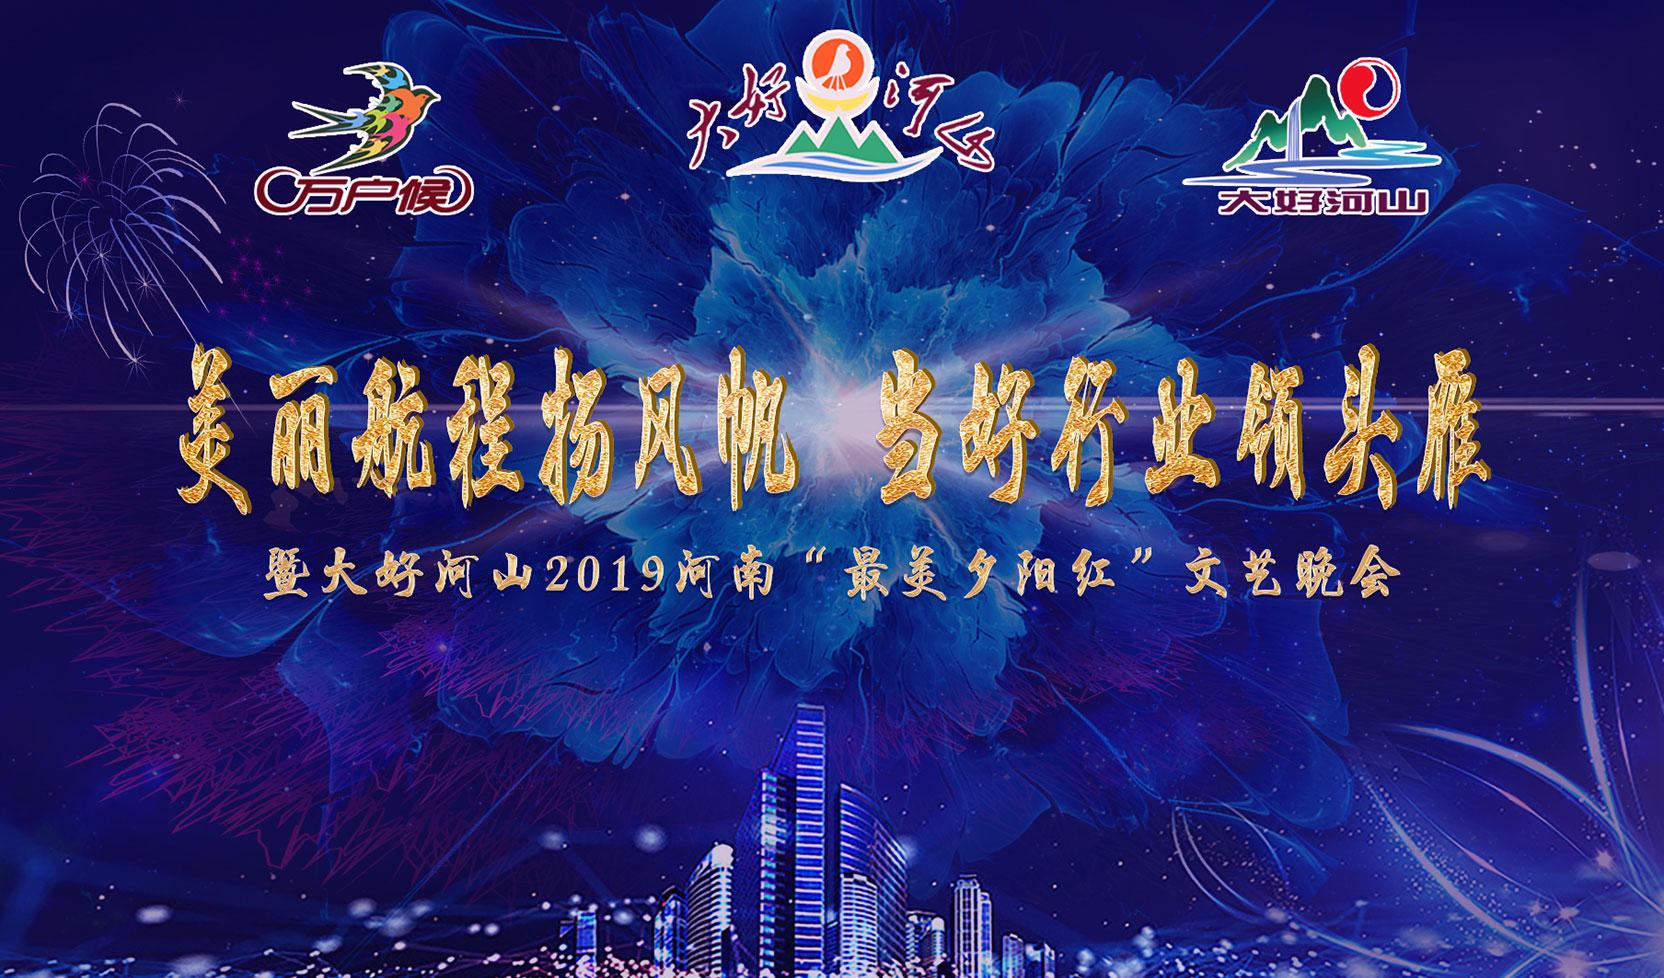 """大好河山2019河南""""最美夕阳红""""文艺晚会"""